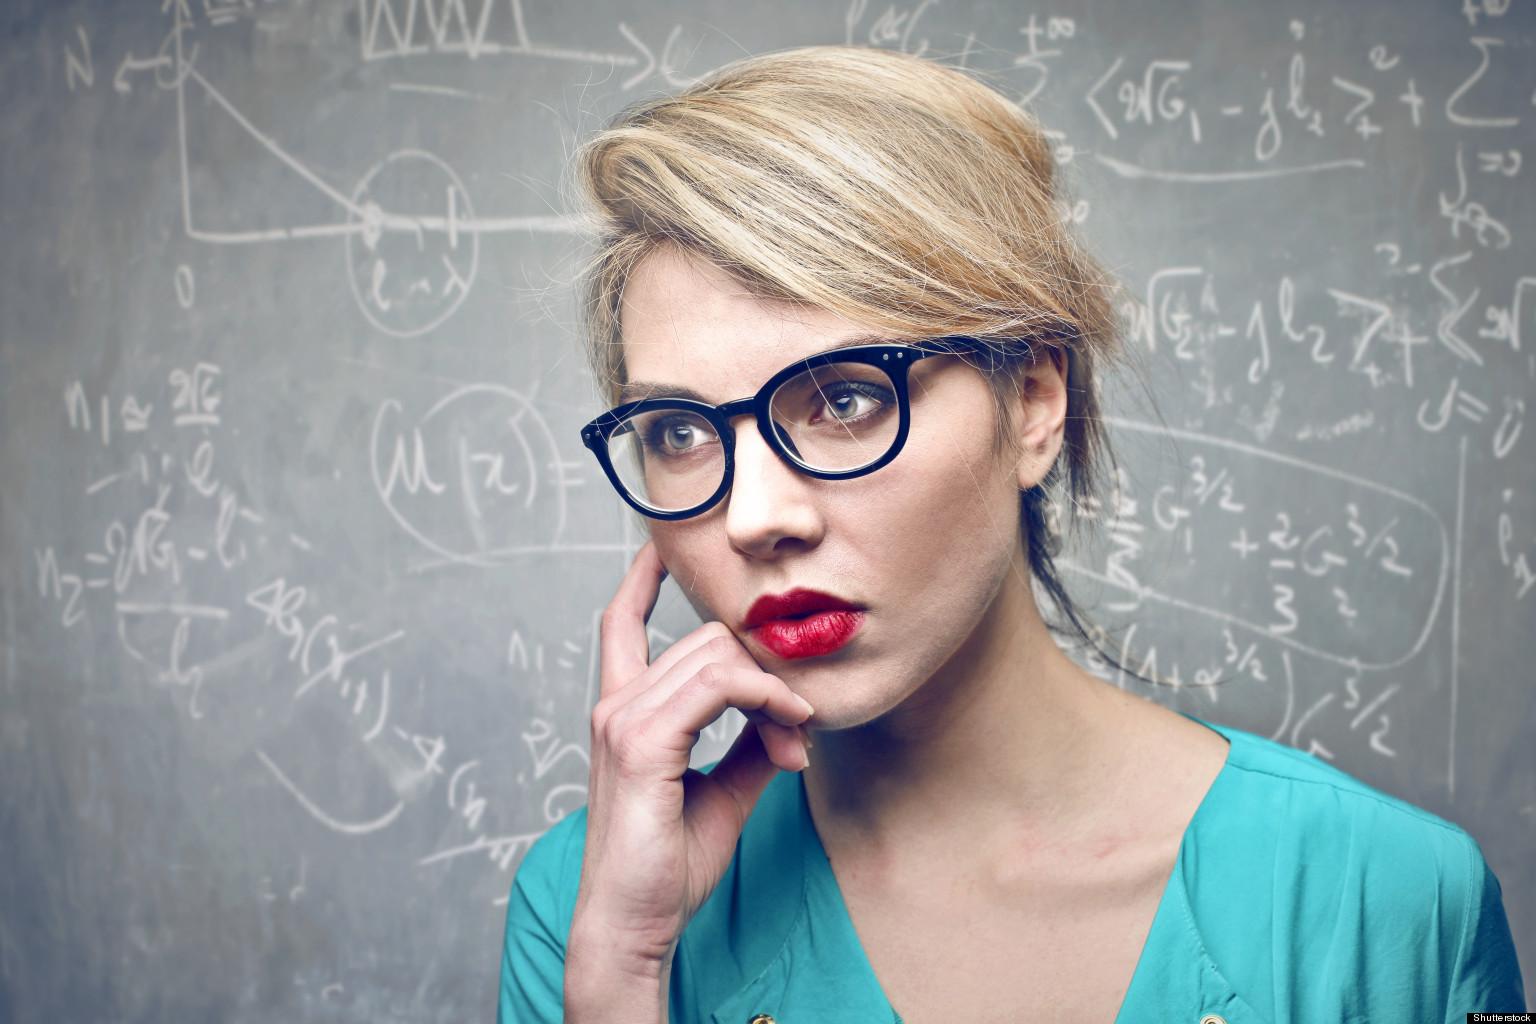 10 nenavadnih znakov, ki pokažejo, da si pametnejši od povprečja